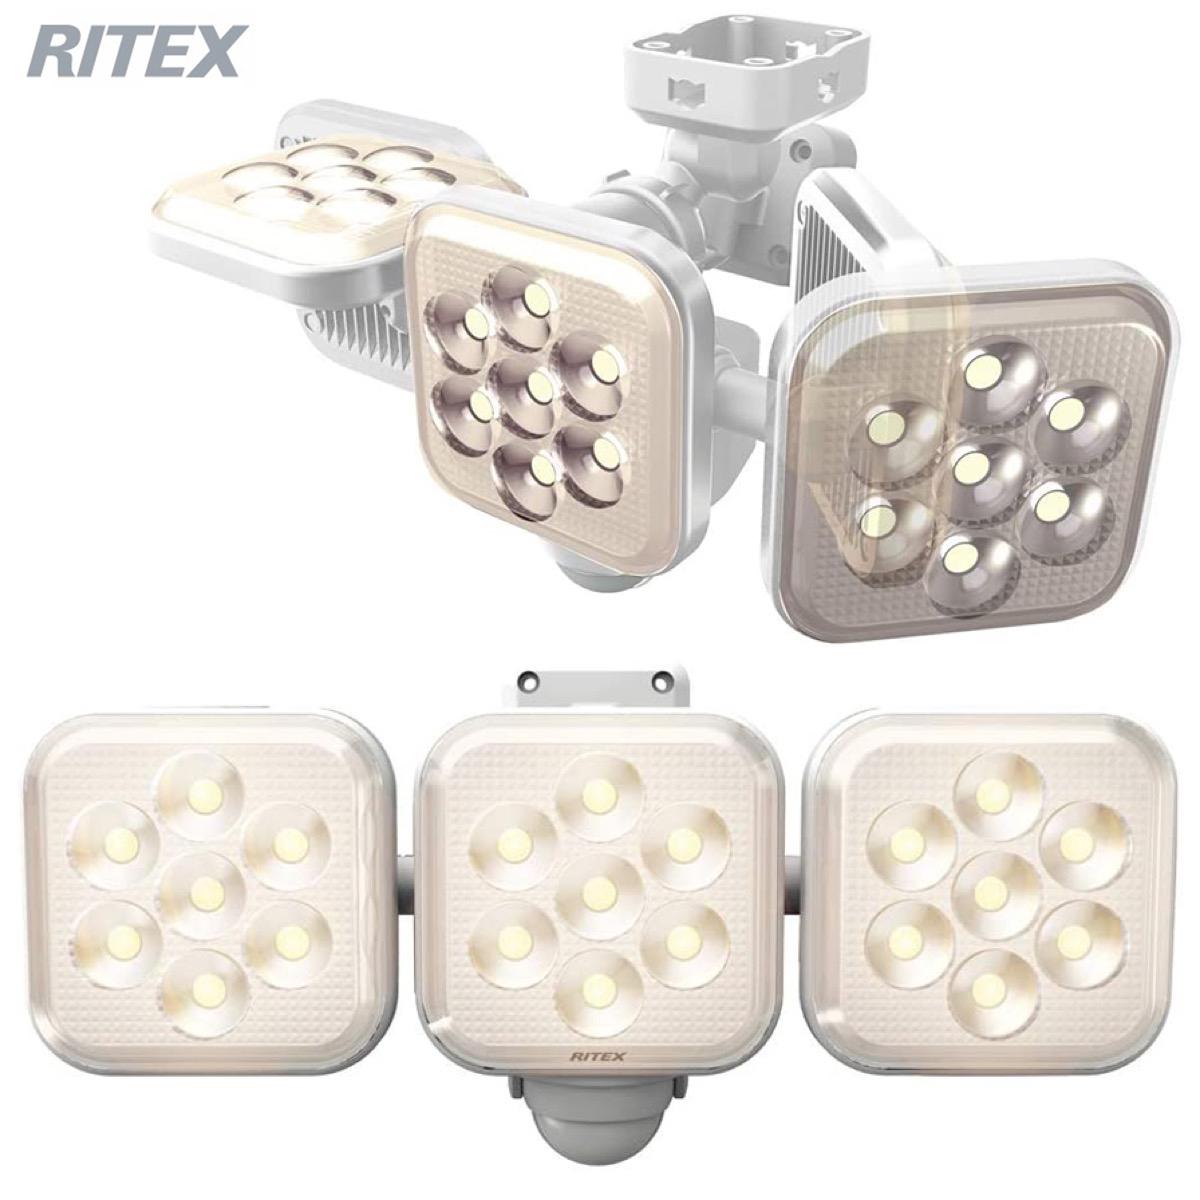 ムサシ RITEX LED-AC3025 センサーライト ホワイト 3灯フリーアーム式 LED 電球色 コンセント式 常夜灯 防雨型 MUSASHI ライテックス (F